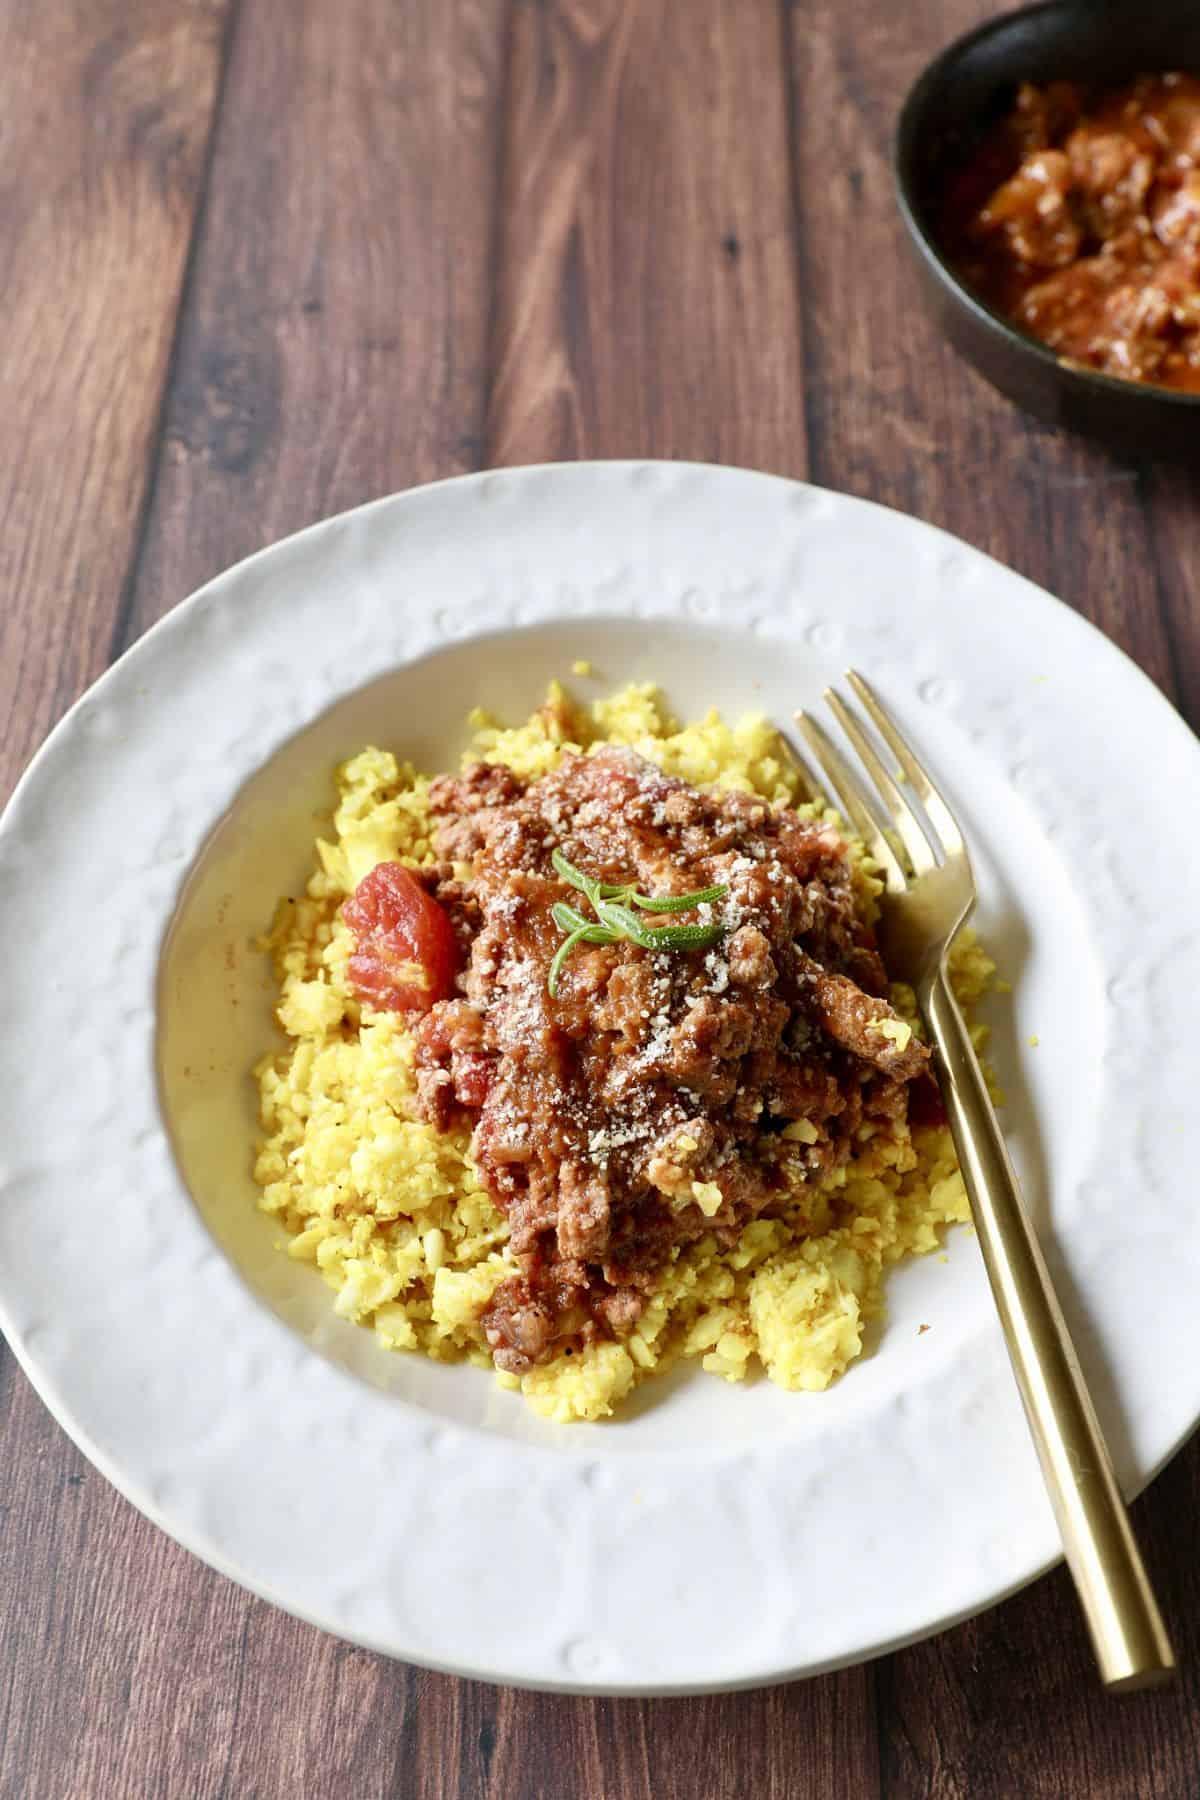 義大利番茄肉醬 instant pot 壓力鍋